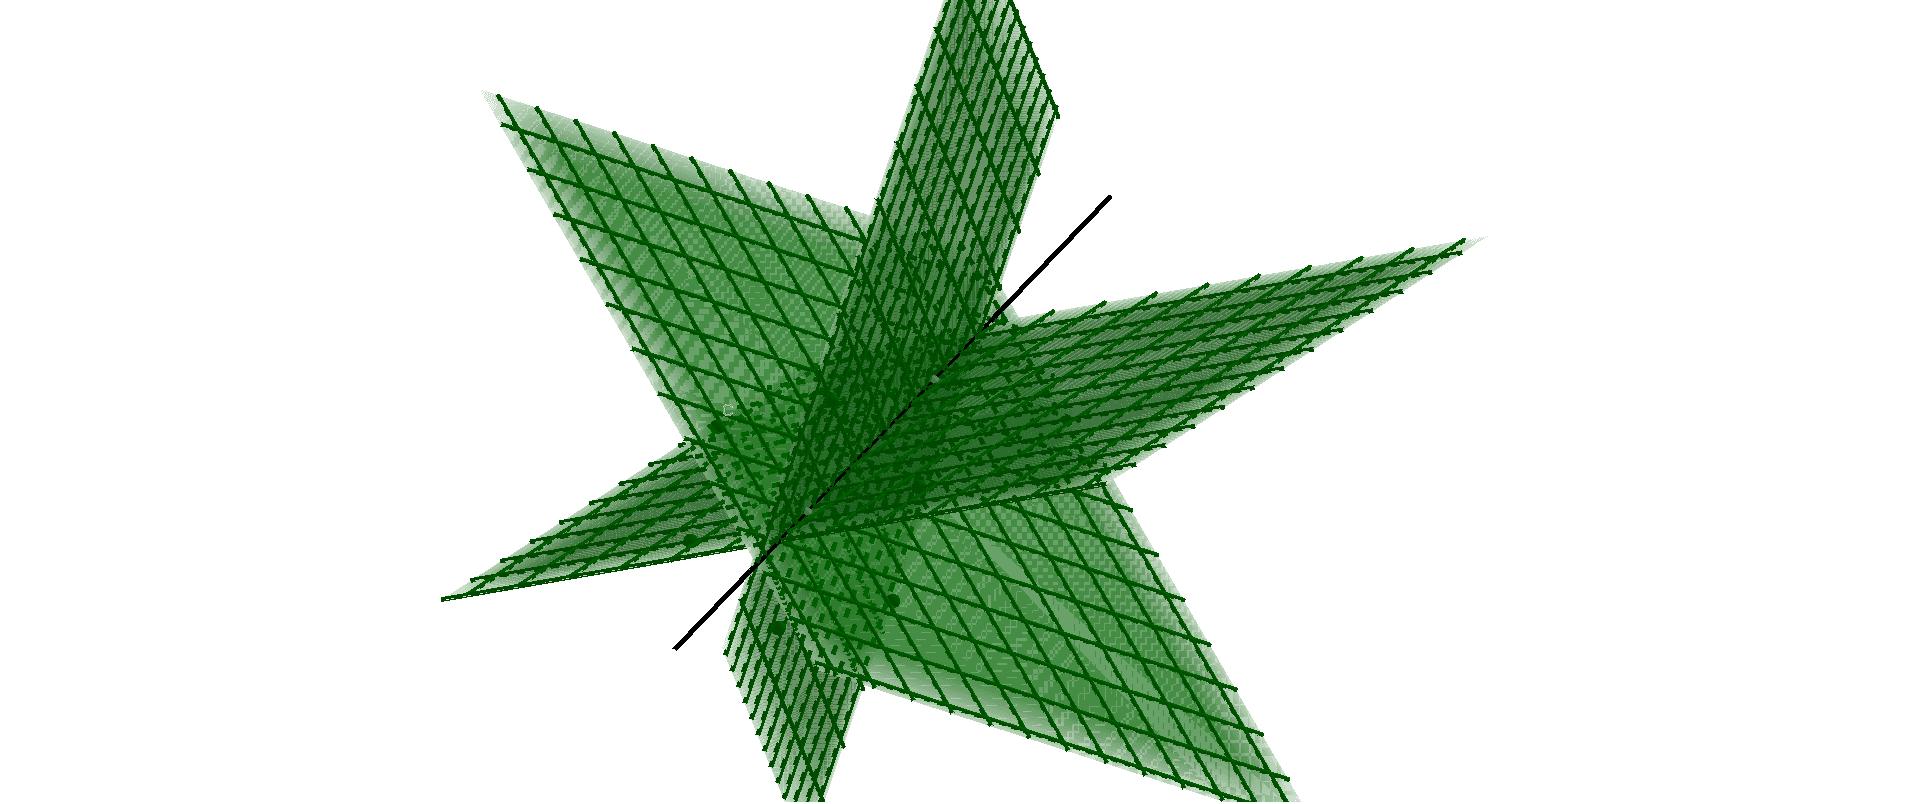 Haz de planos de una recta dada en el espacio Presiona Intro para comenzar la actividad